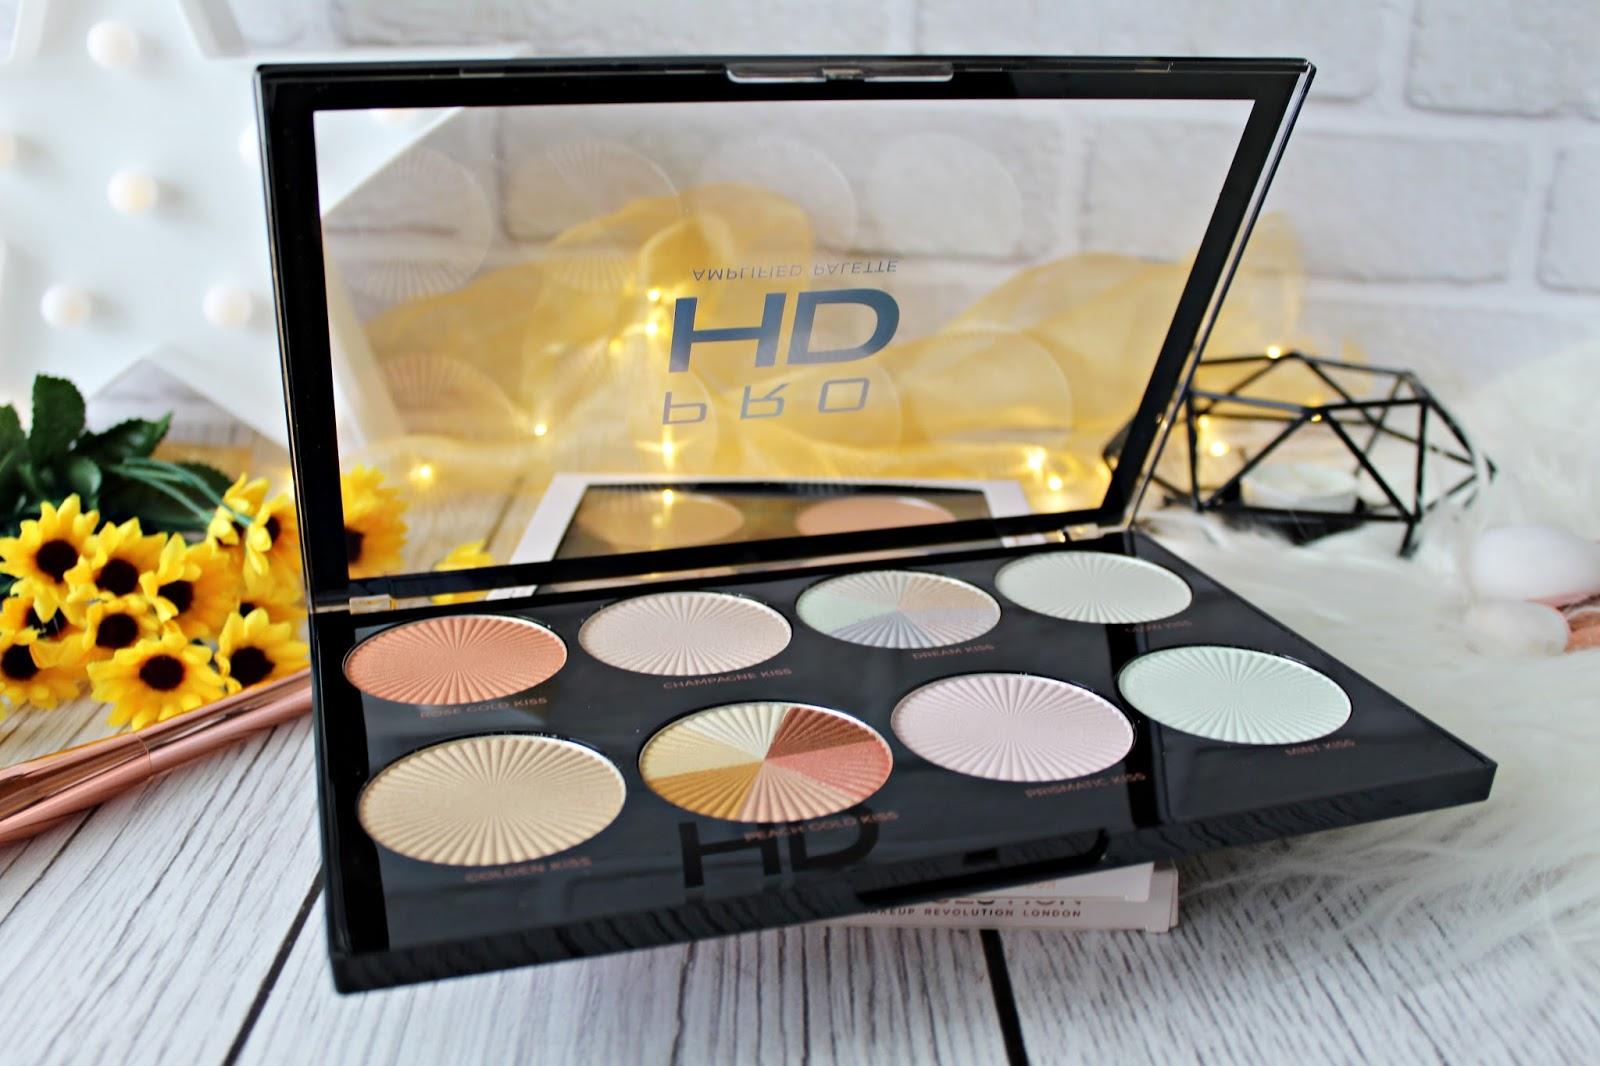 Najnowsze palety rozświetlaczy i do konturowania PRO HD MAKEUP REVOLUTION - Glow Getter, Brighter than my future oraz Get Baked